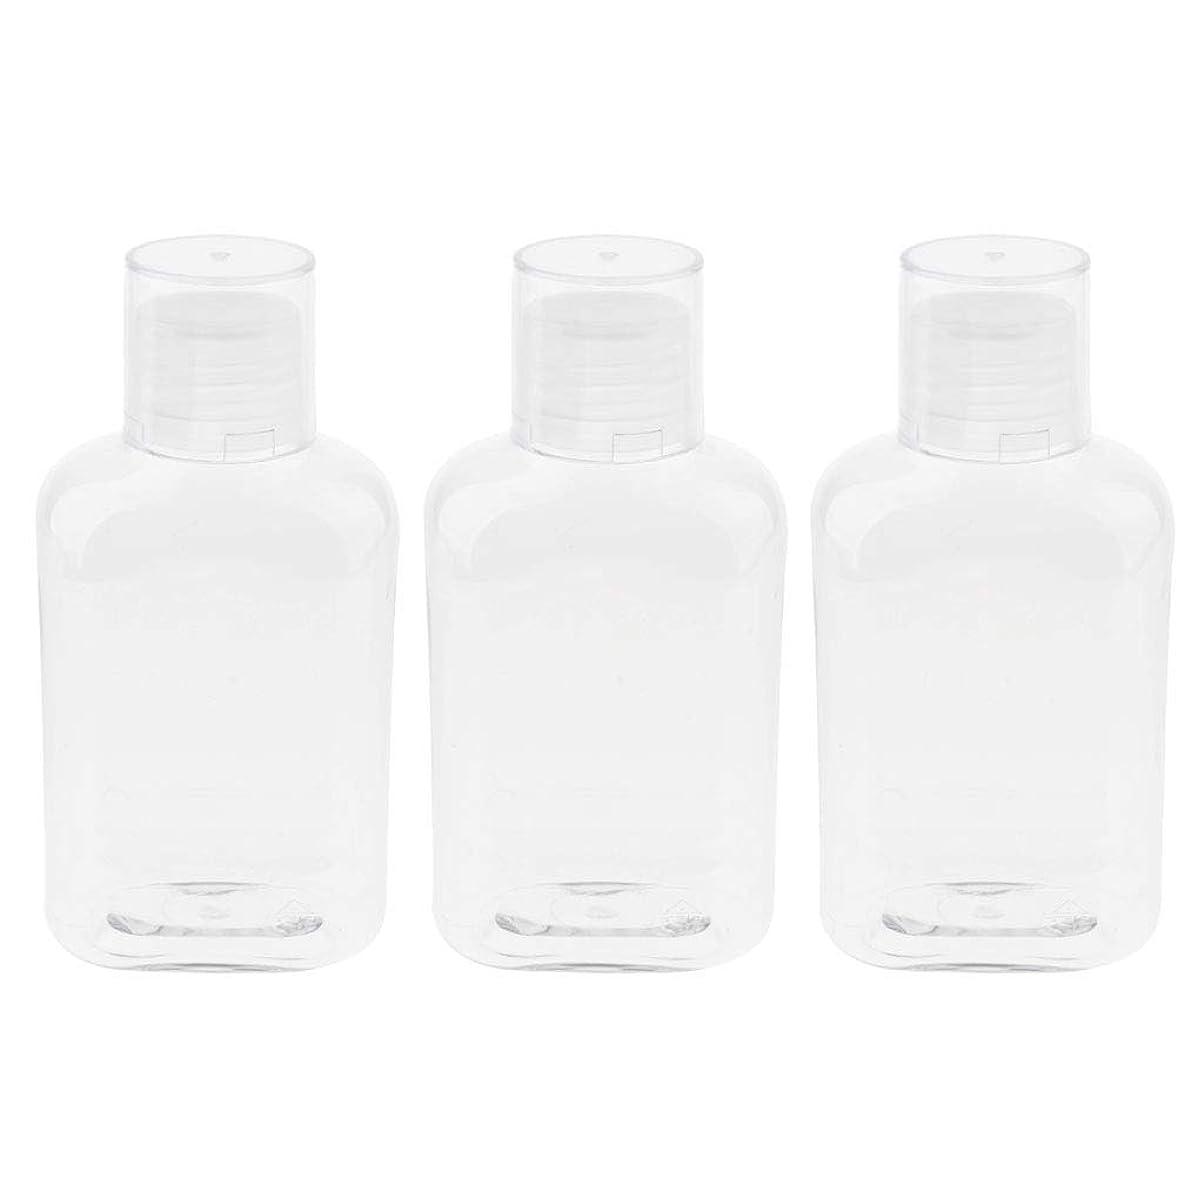 決めますまっすぐテクスチャーgazechimp 空のボトル 詰替え容器 収納ボトル 収納瓶 液体ボトル ローションボトル 3個入 - クリアキャップ